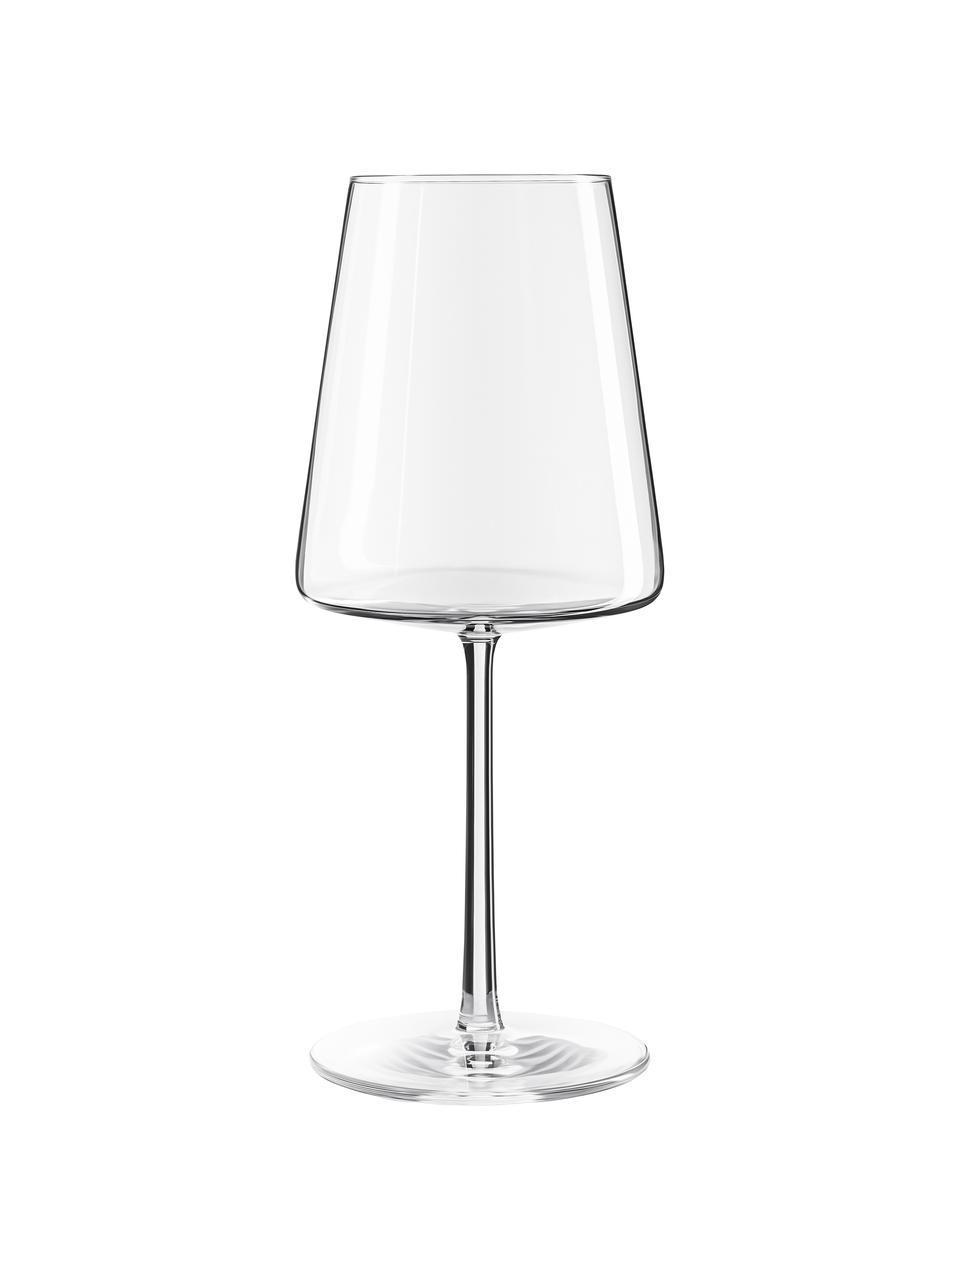 Kryształowy kieliszek do czerwonego wina Power, 6 szt., Szkło kryształowe, Transparentny, Ø 9 x W 23 cm